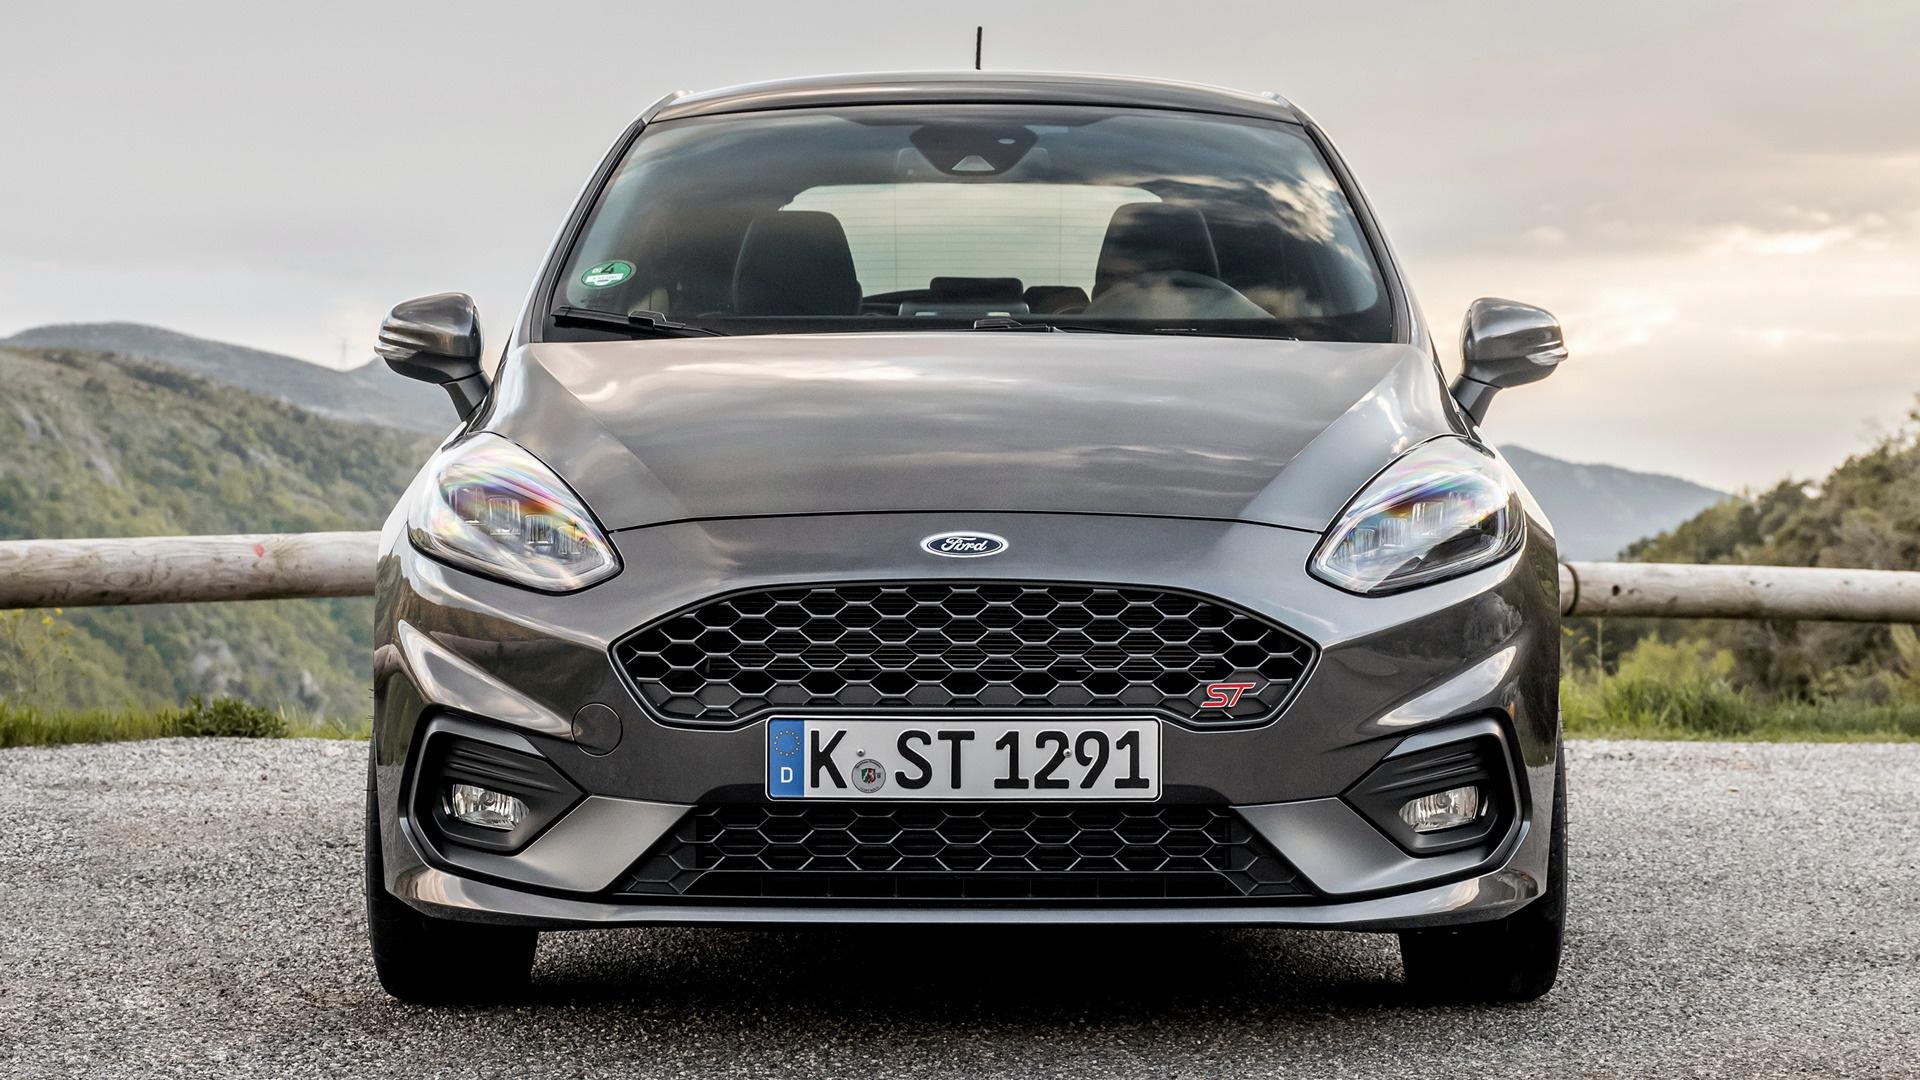 2018 Ford Fiesta St 5 Door Fond Décran Hd Arrière Plan